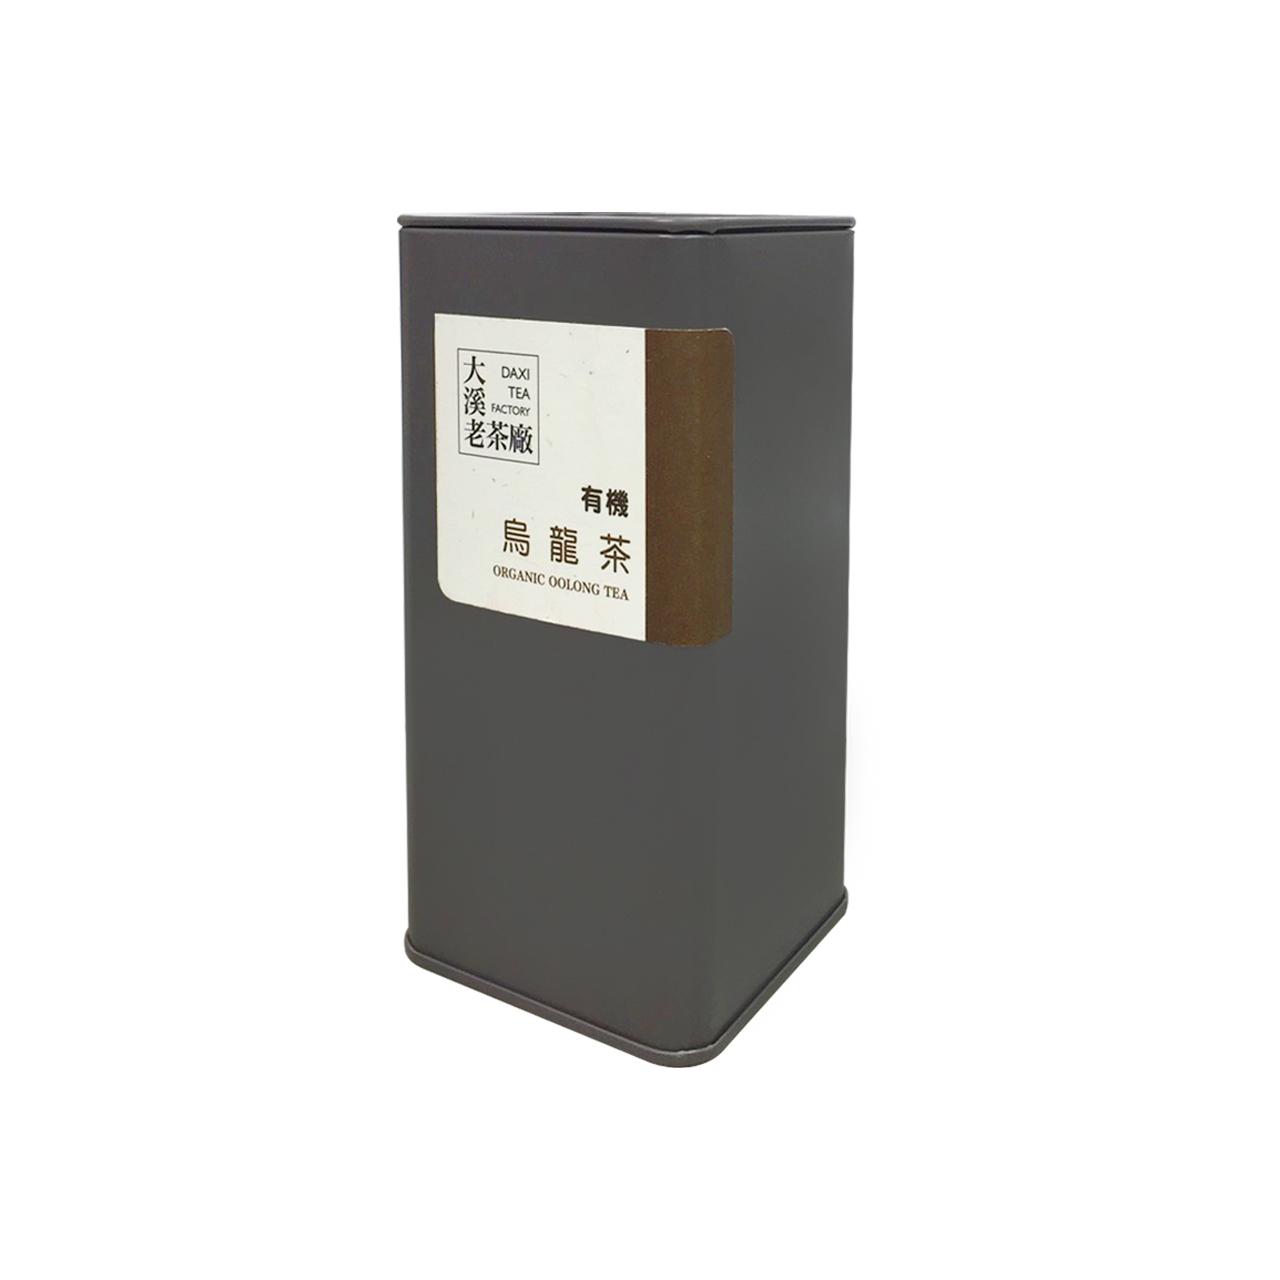 大溪-有機烏龍茶150g(雅藏系列)